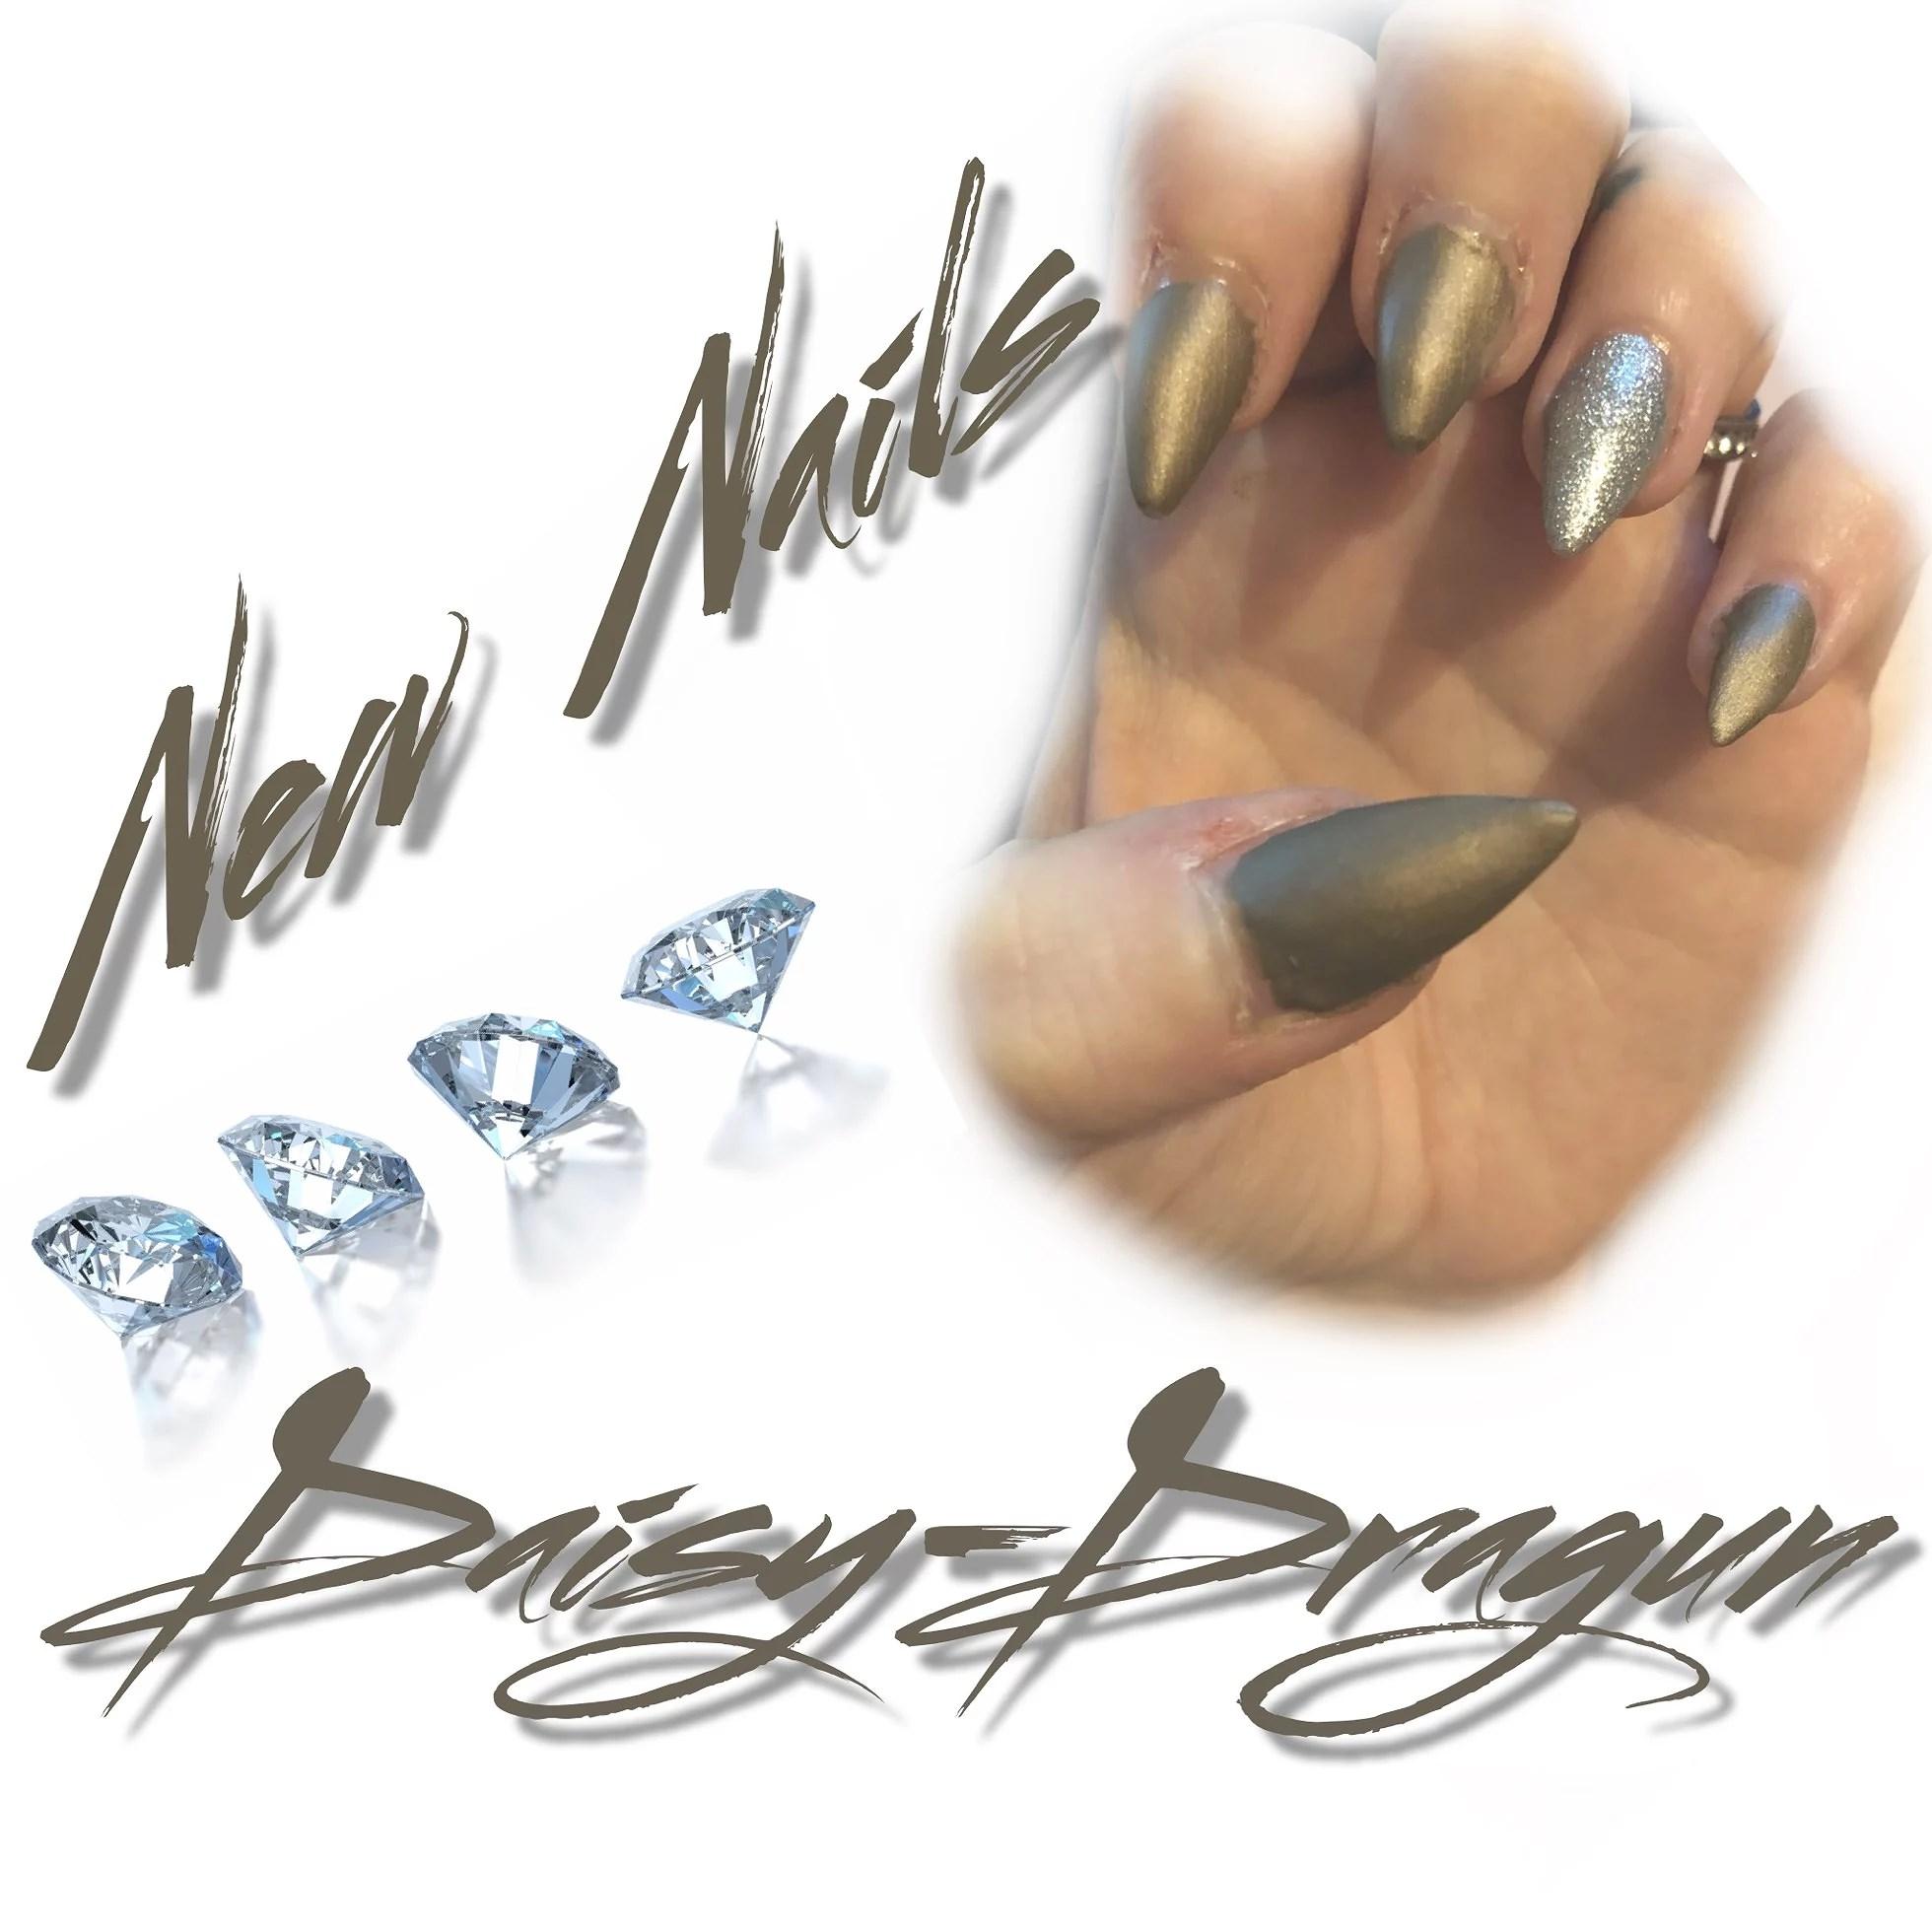 New nails 🤩